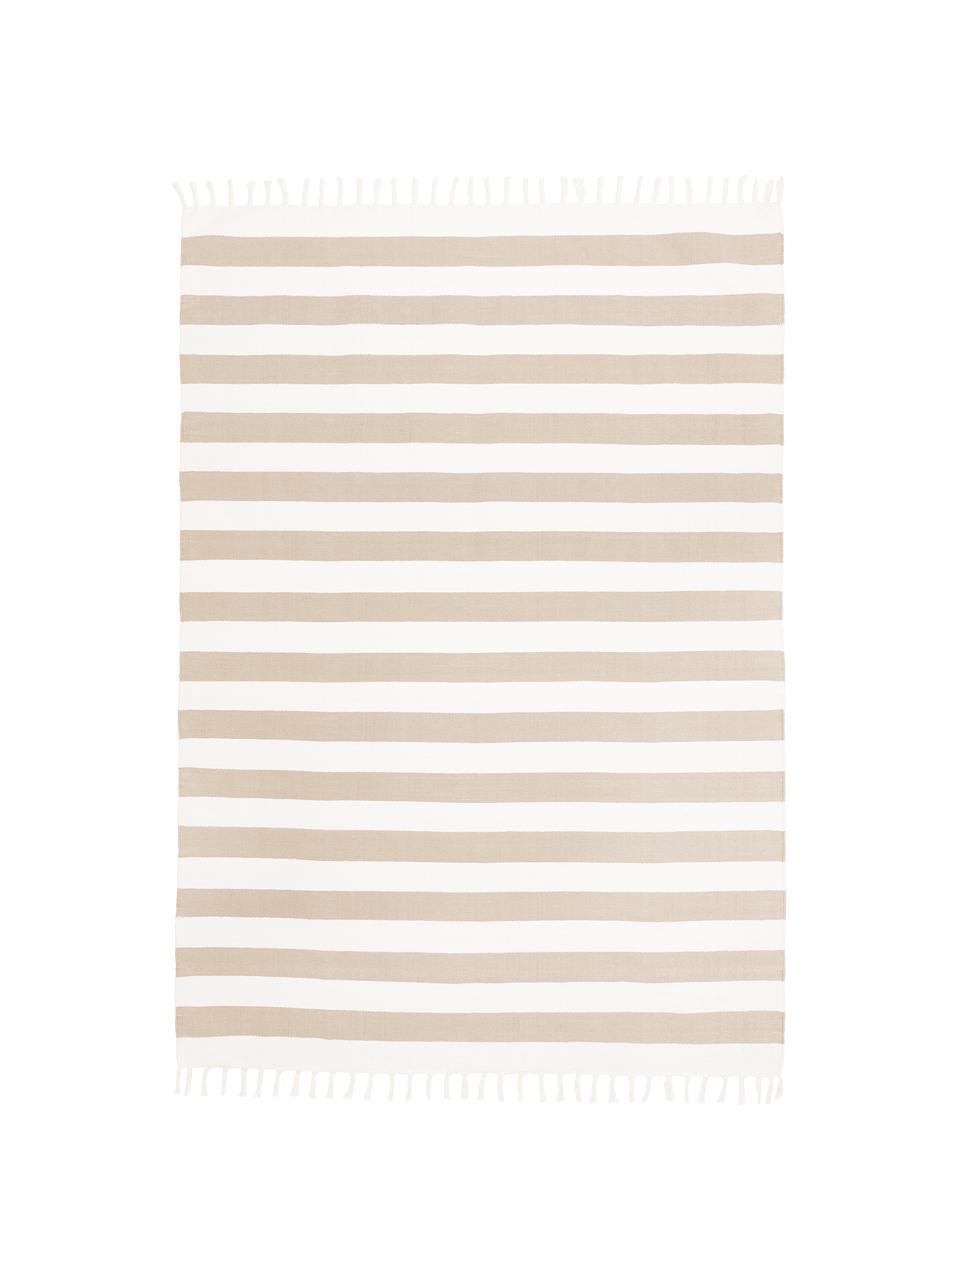 Tappeto in cotone a righe tessuto a mano color tortora/bianco Blocker, 100% cotone, Beige, Larg. 200 x Lung. 300 cm (taglia L)